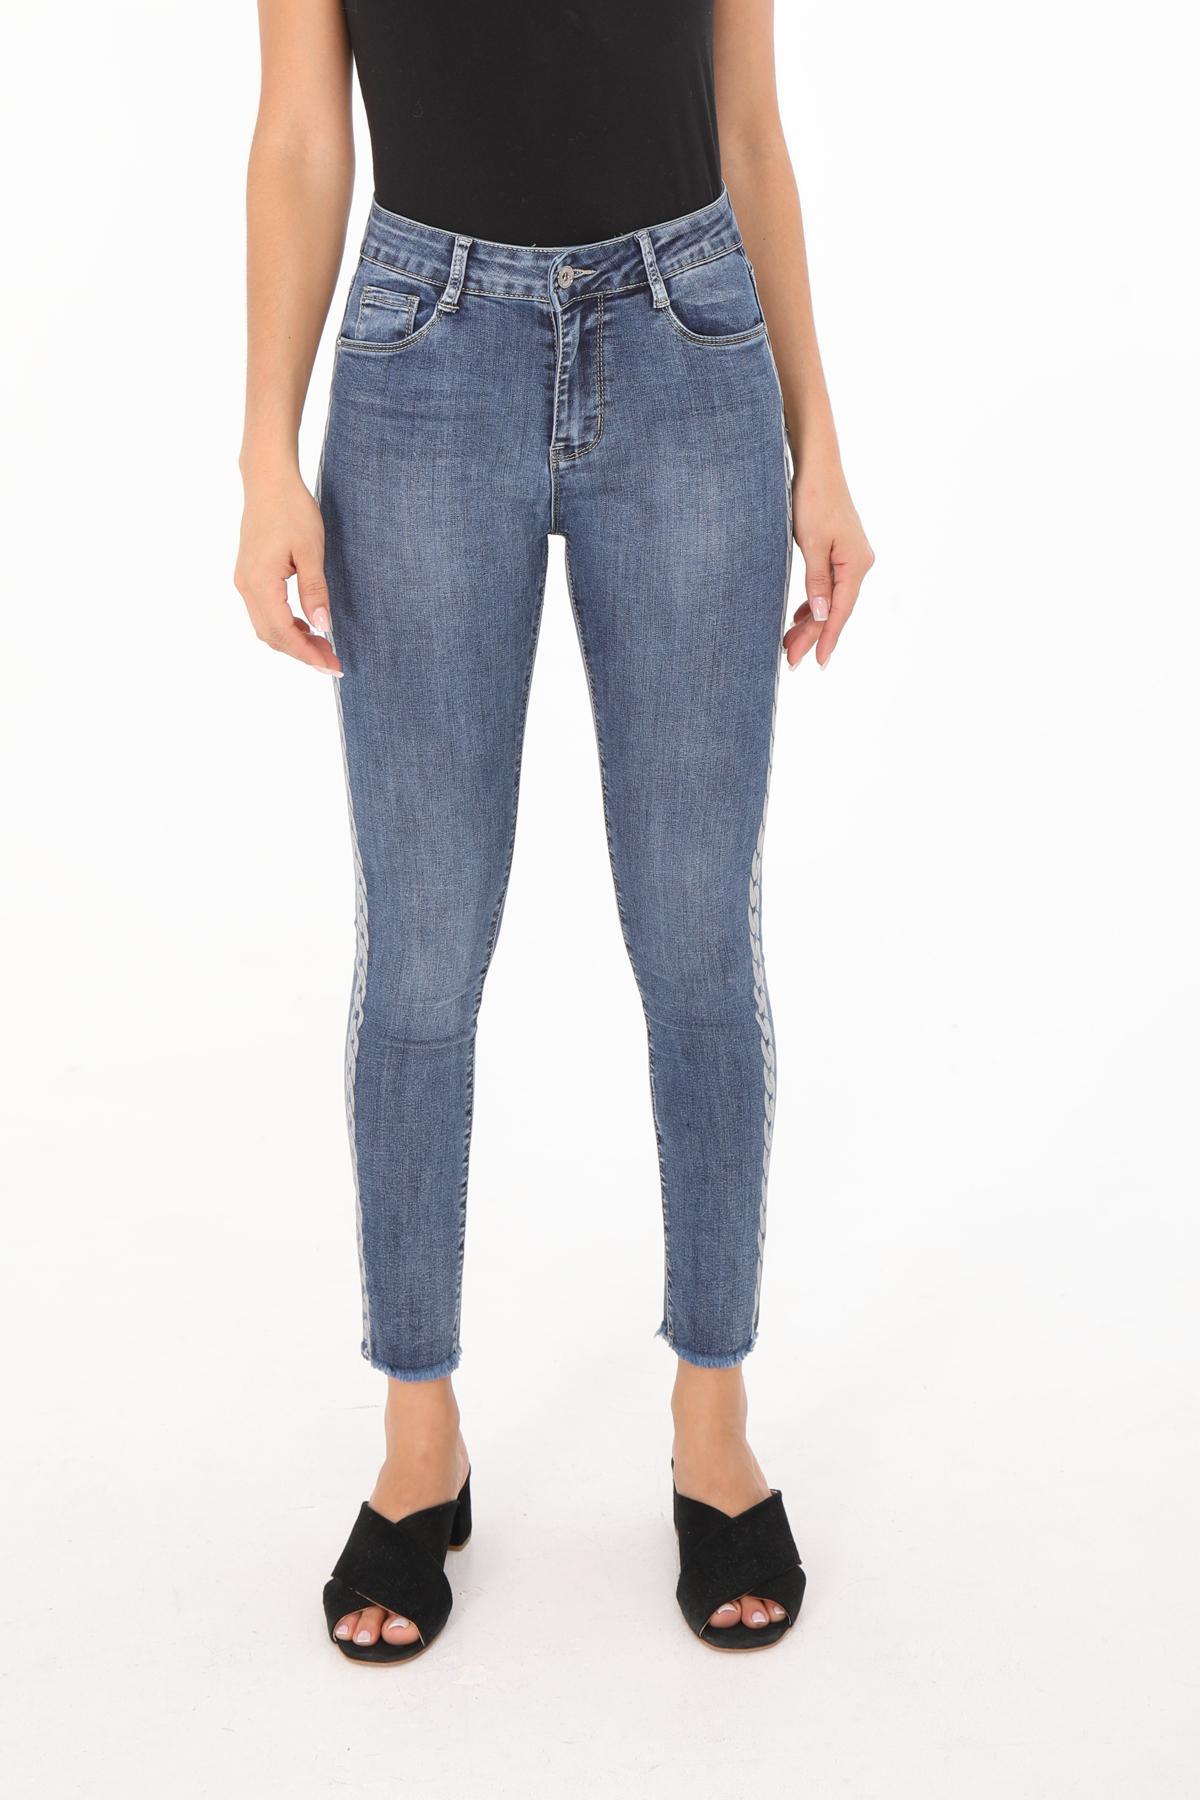 Jeans Femme Bleu jean Chic Shop  6692 #c eFashion Paris